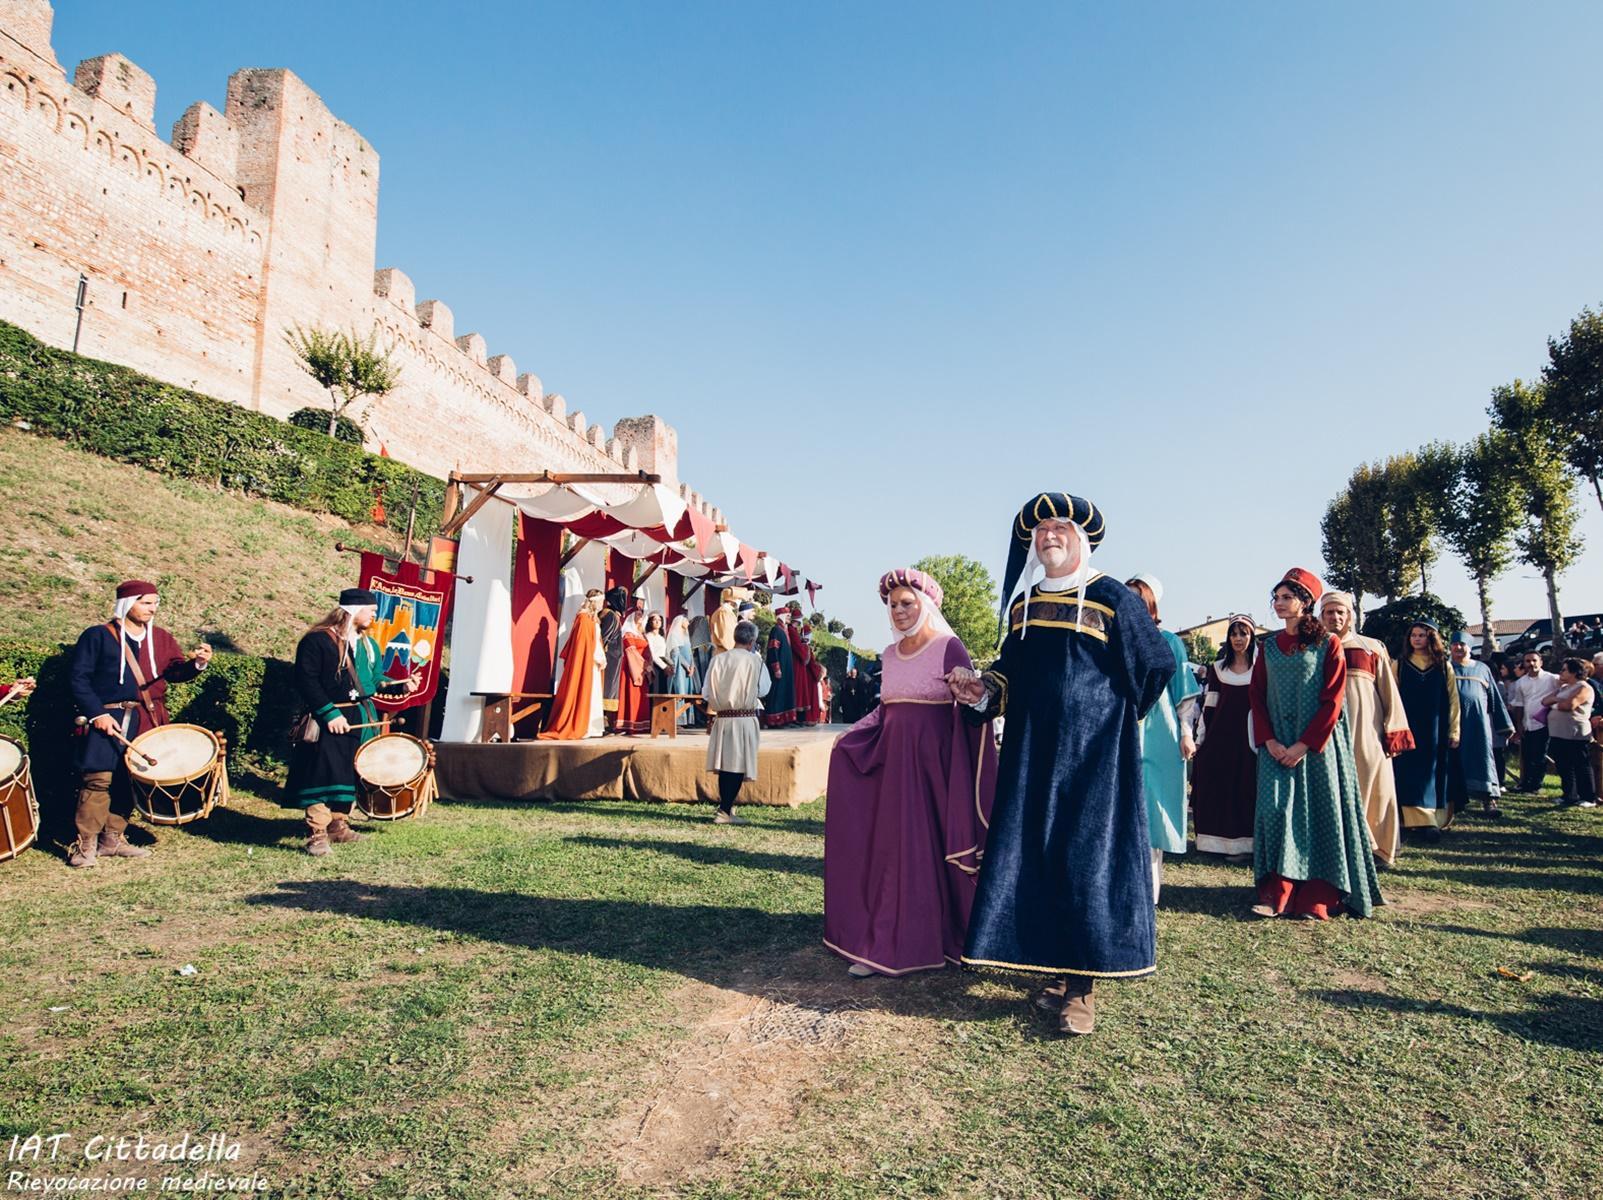 Rievocazione Medievale a Cittadella